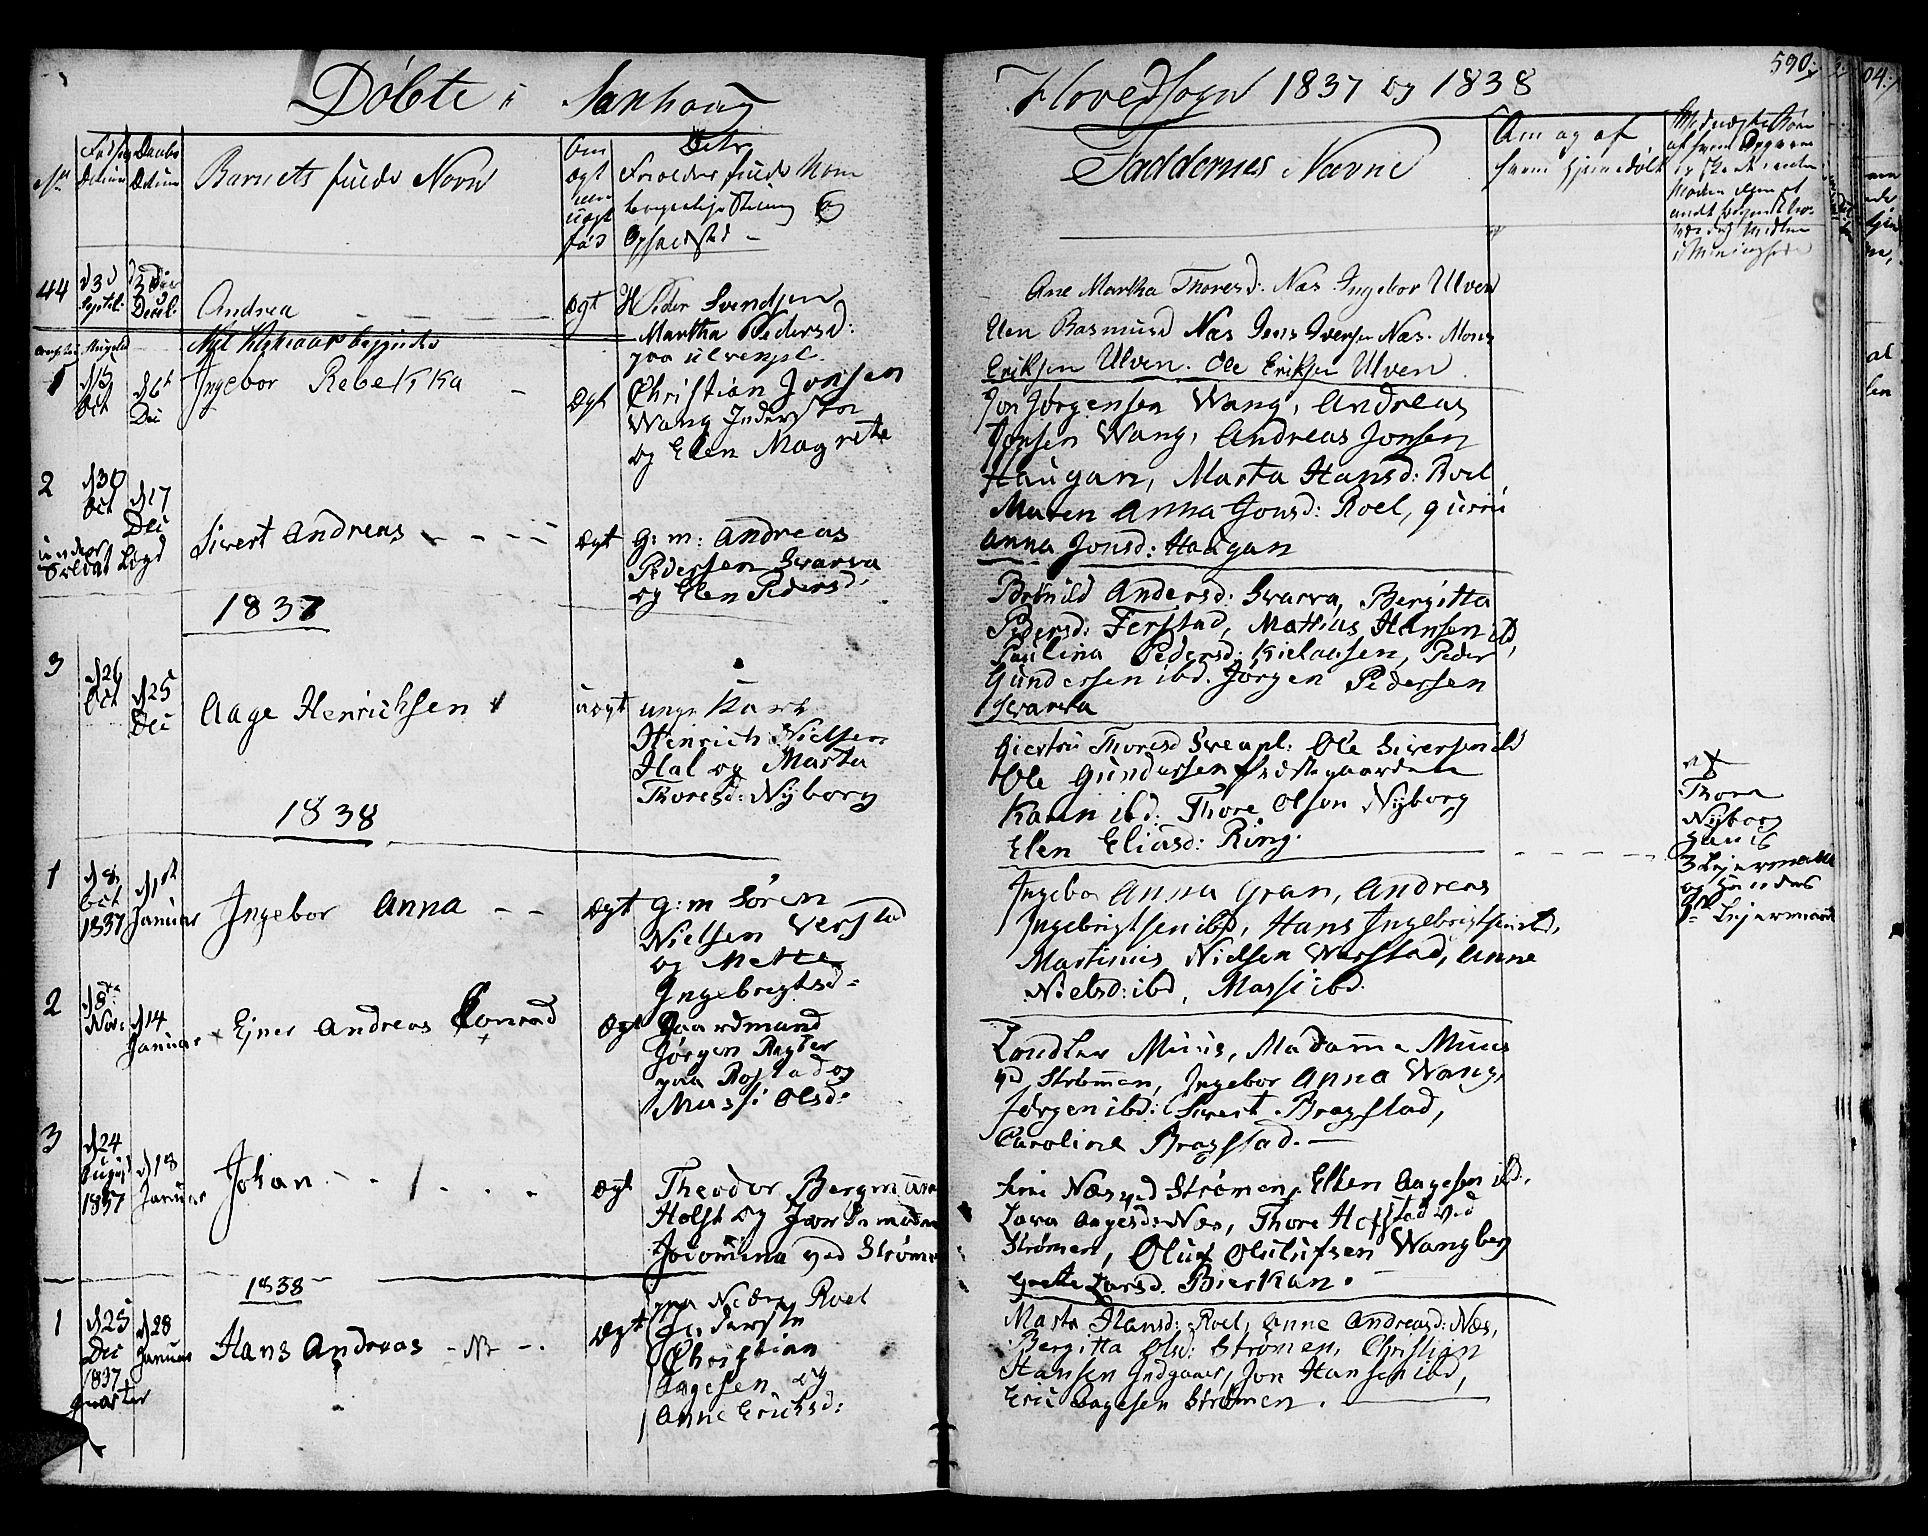 SAT, Ministerialprotokoller, klokkerbøker og fødselsregistre - Nord-Trøndelag, 730/L0277: Ministerialbok nr. 730A06 /1, 1830-1839, s. 590